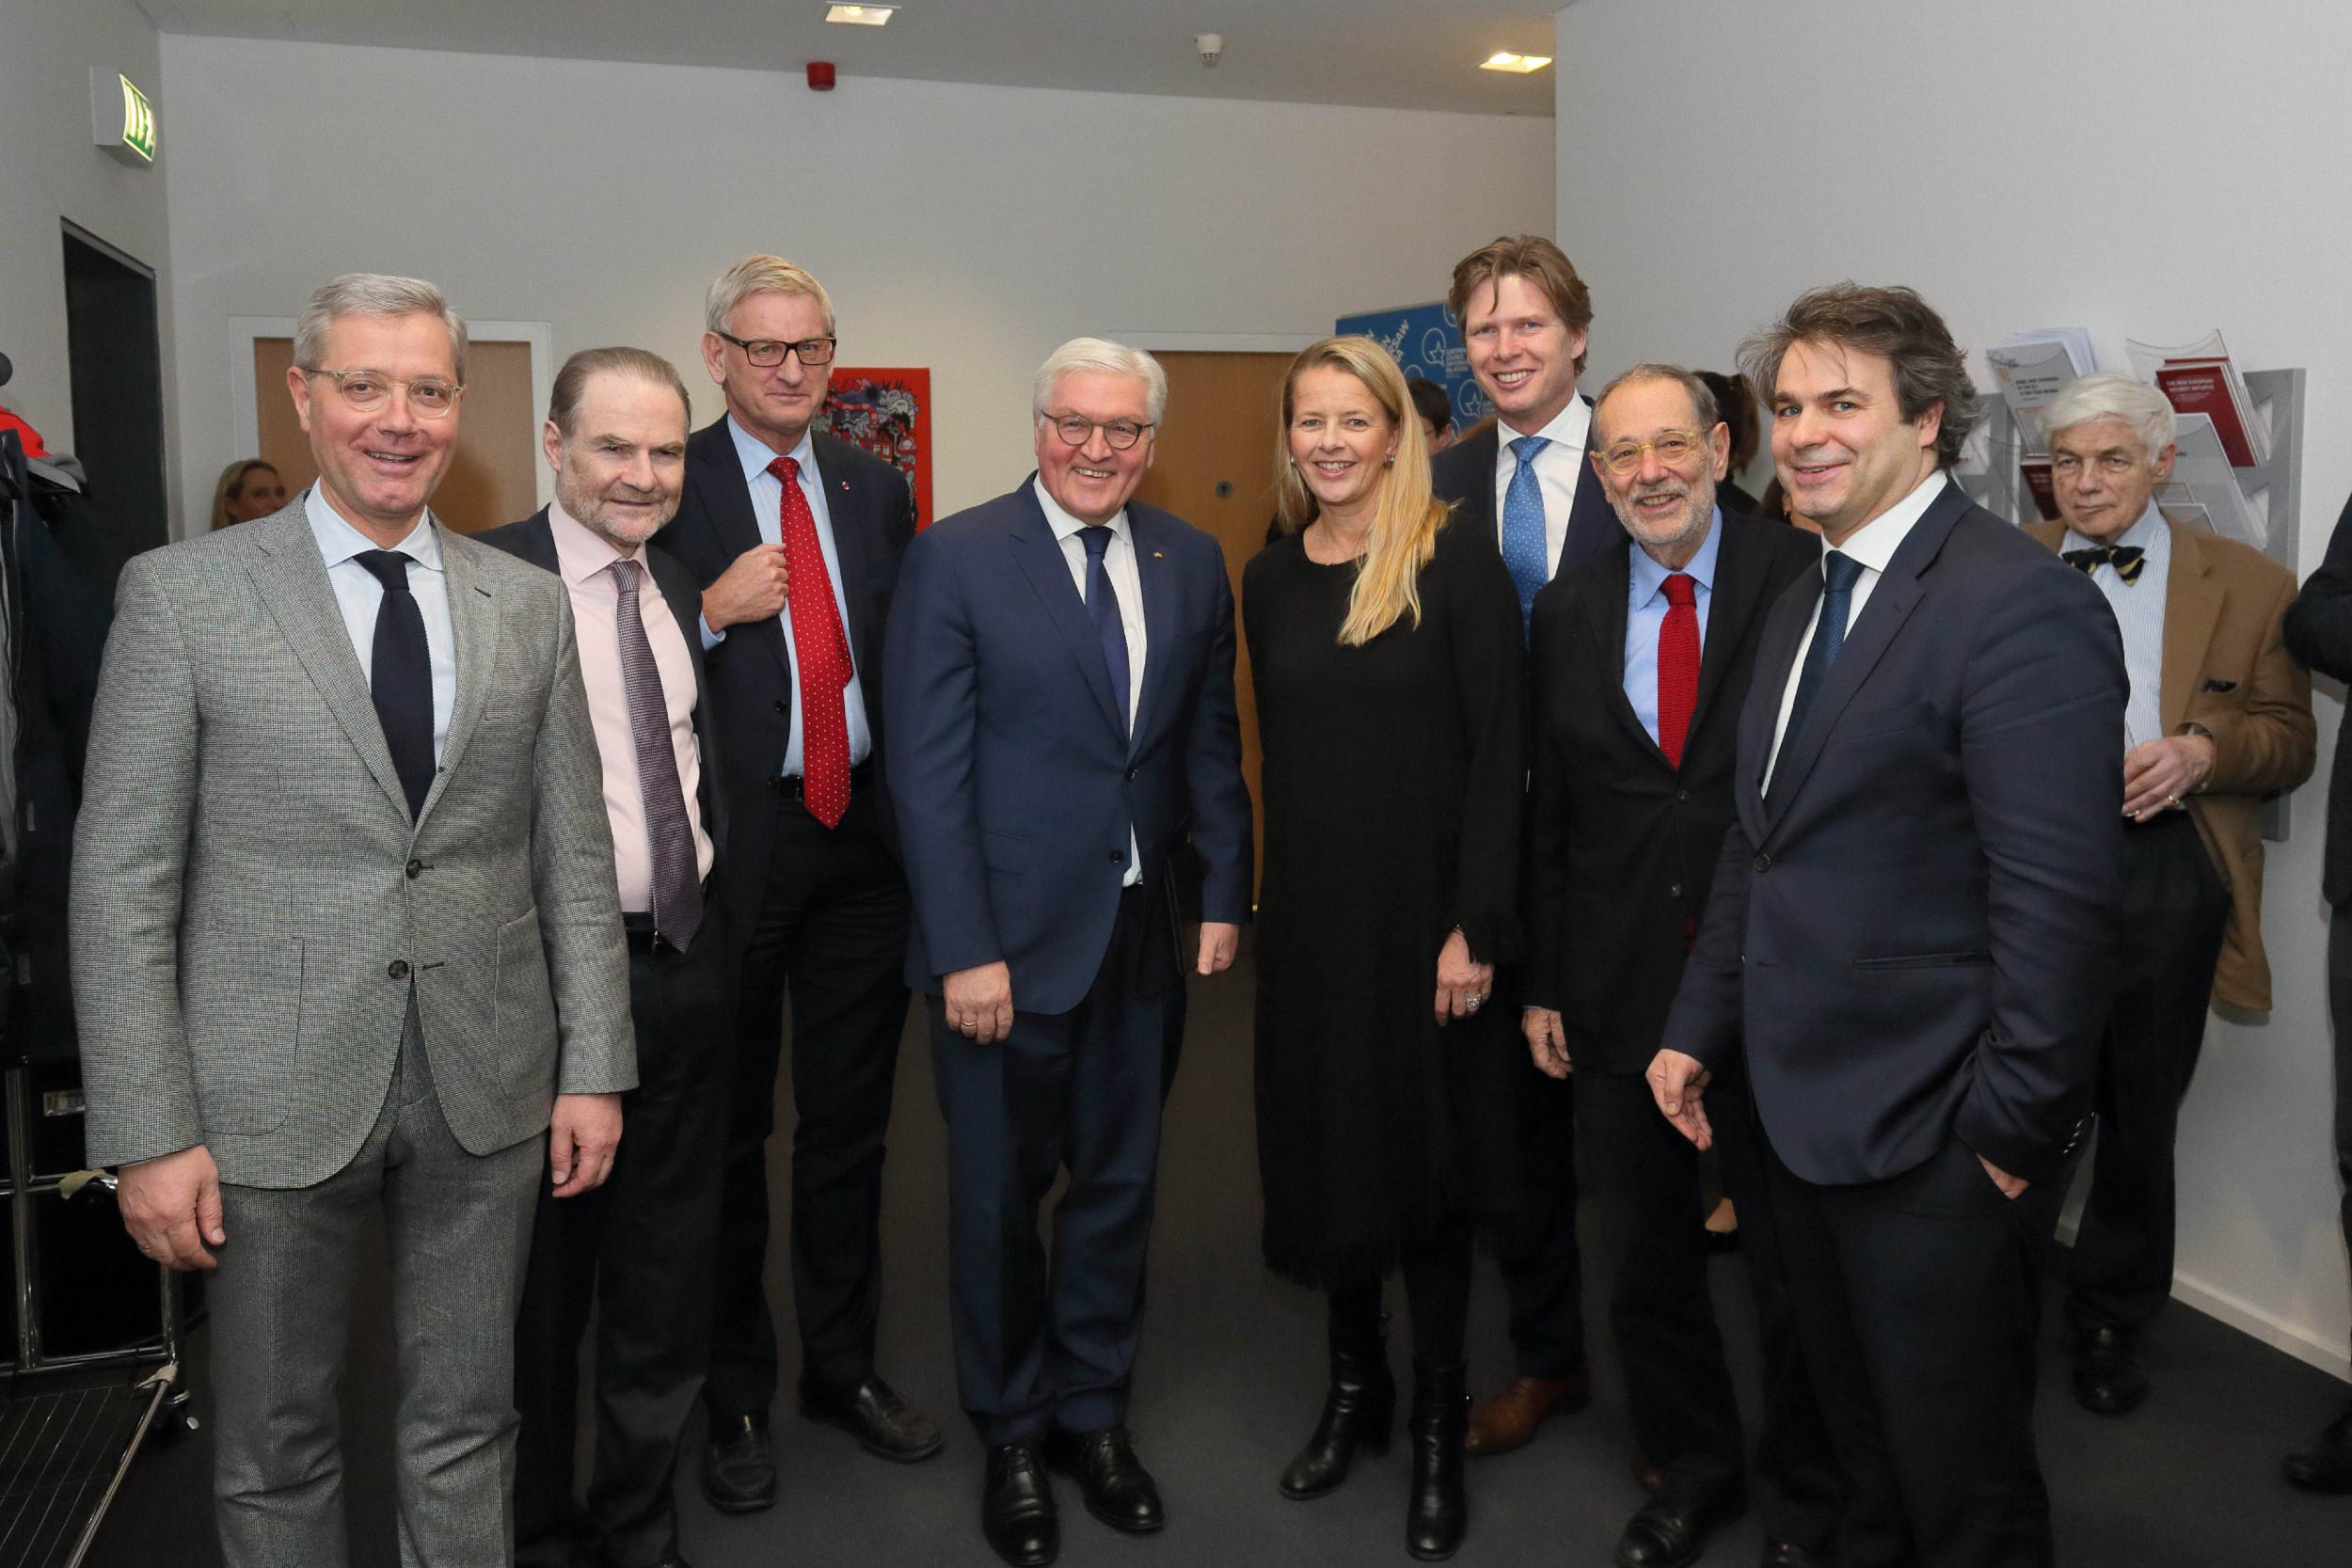 Karl Bilt (u sredini) sa ostalim vodećim članovima Evropskog saveta za spoljne odnose (Foto: ecfr.eu)